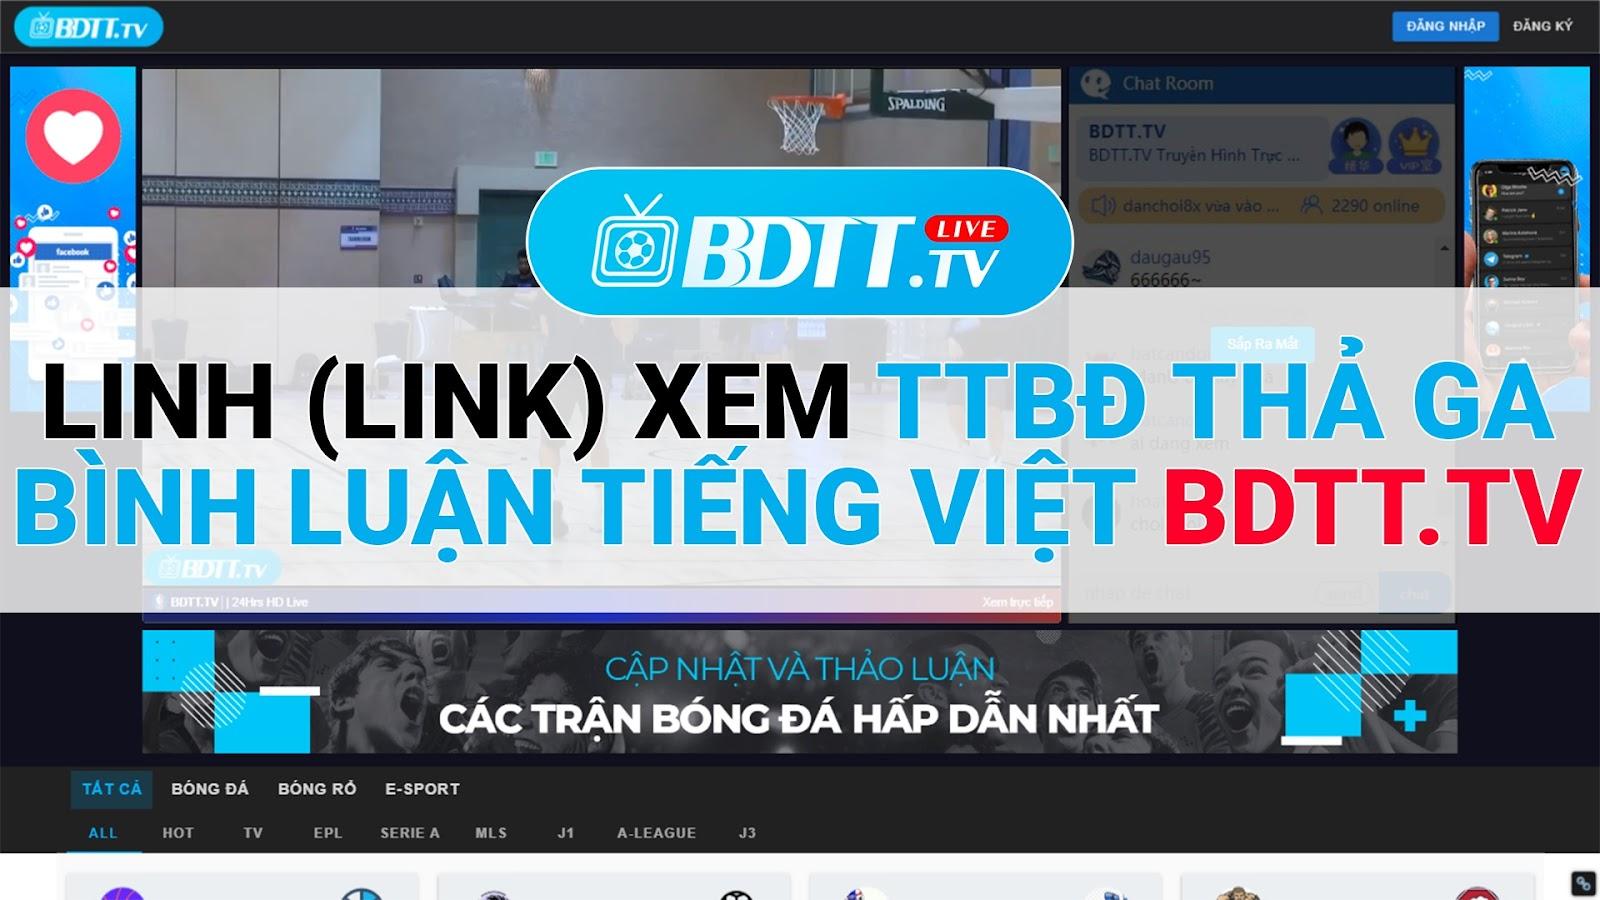 Và BDTT.tv cũng là một kênh cung cấp, phát sóng trực tiếp các trận đấu bóng đá không chỉ ở trong nước và cả những trận đấu của các giải đấu lớn hiện nay.